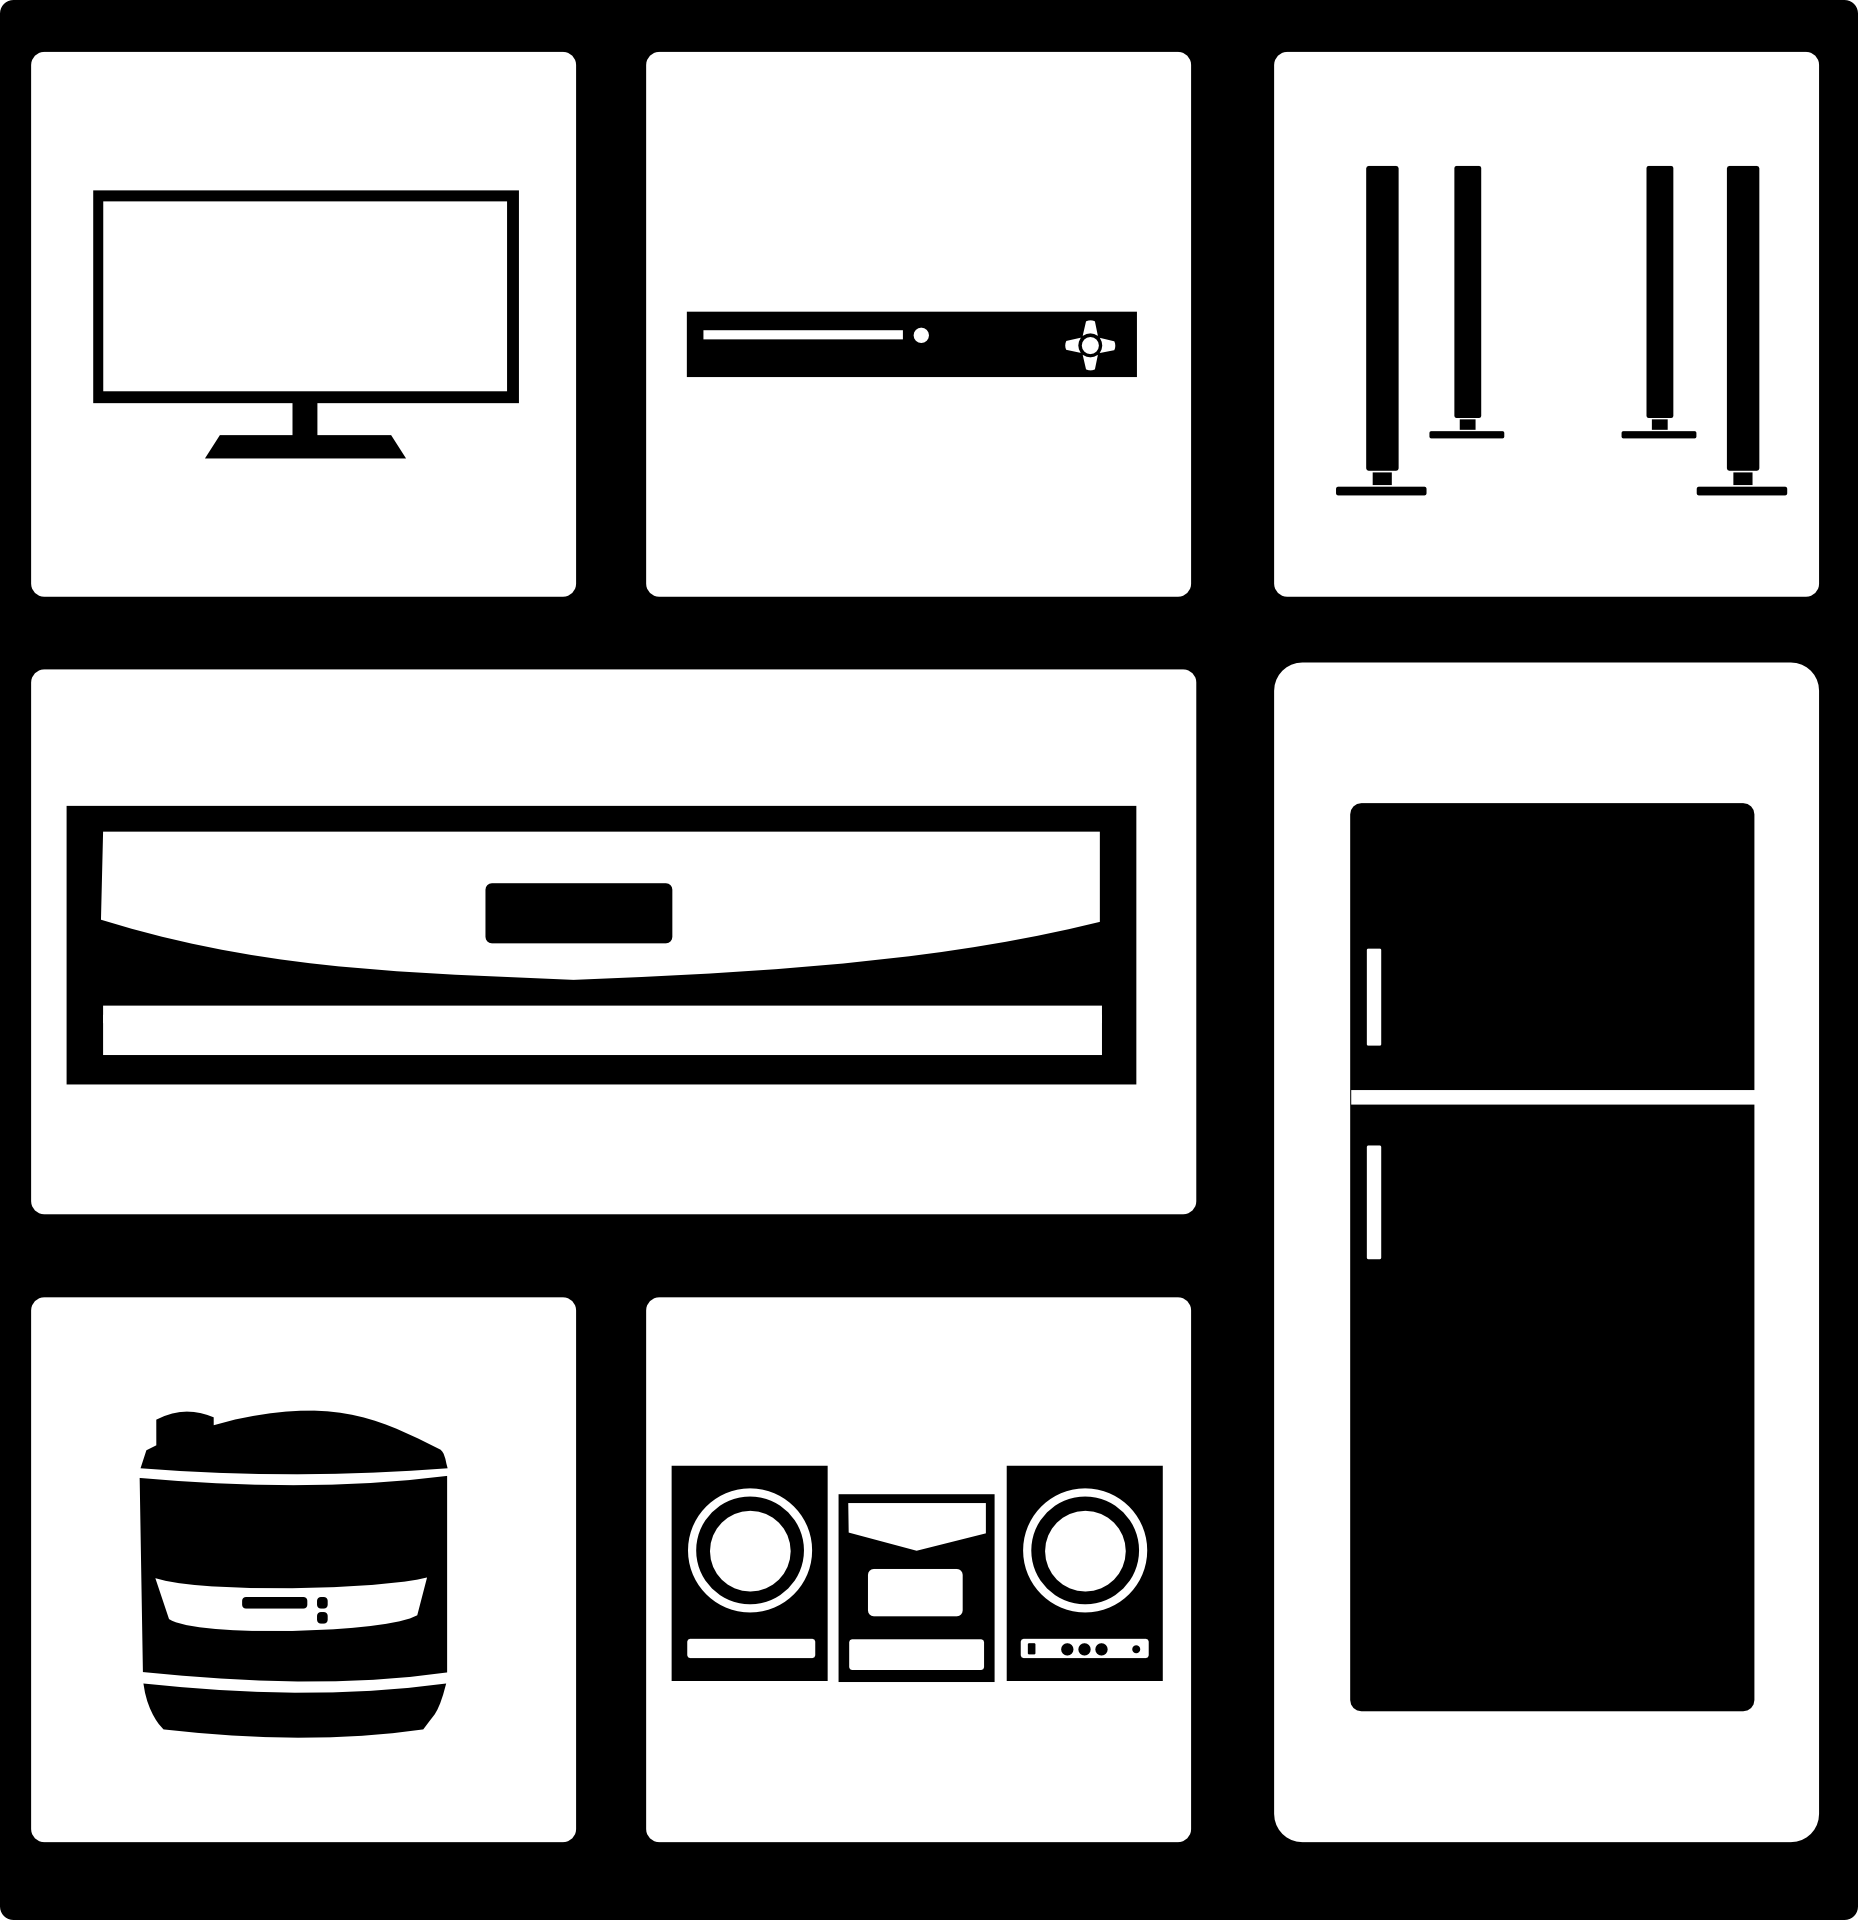 Умный дом: системы автоматизации жилых помещений и зданий - 2